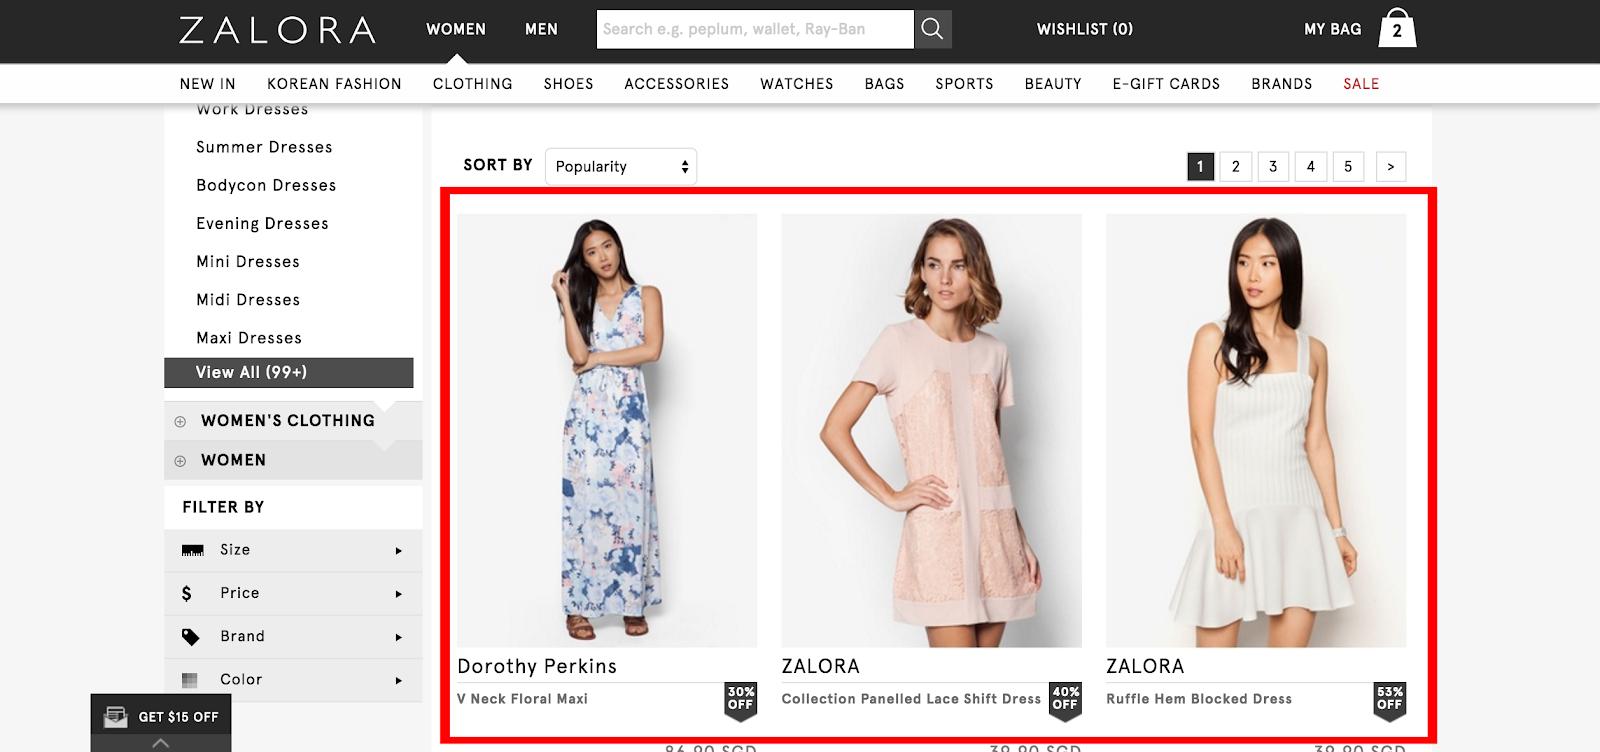 Zalora product search